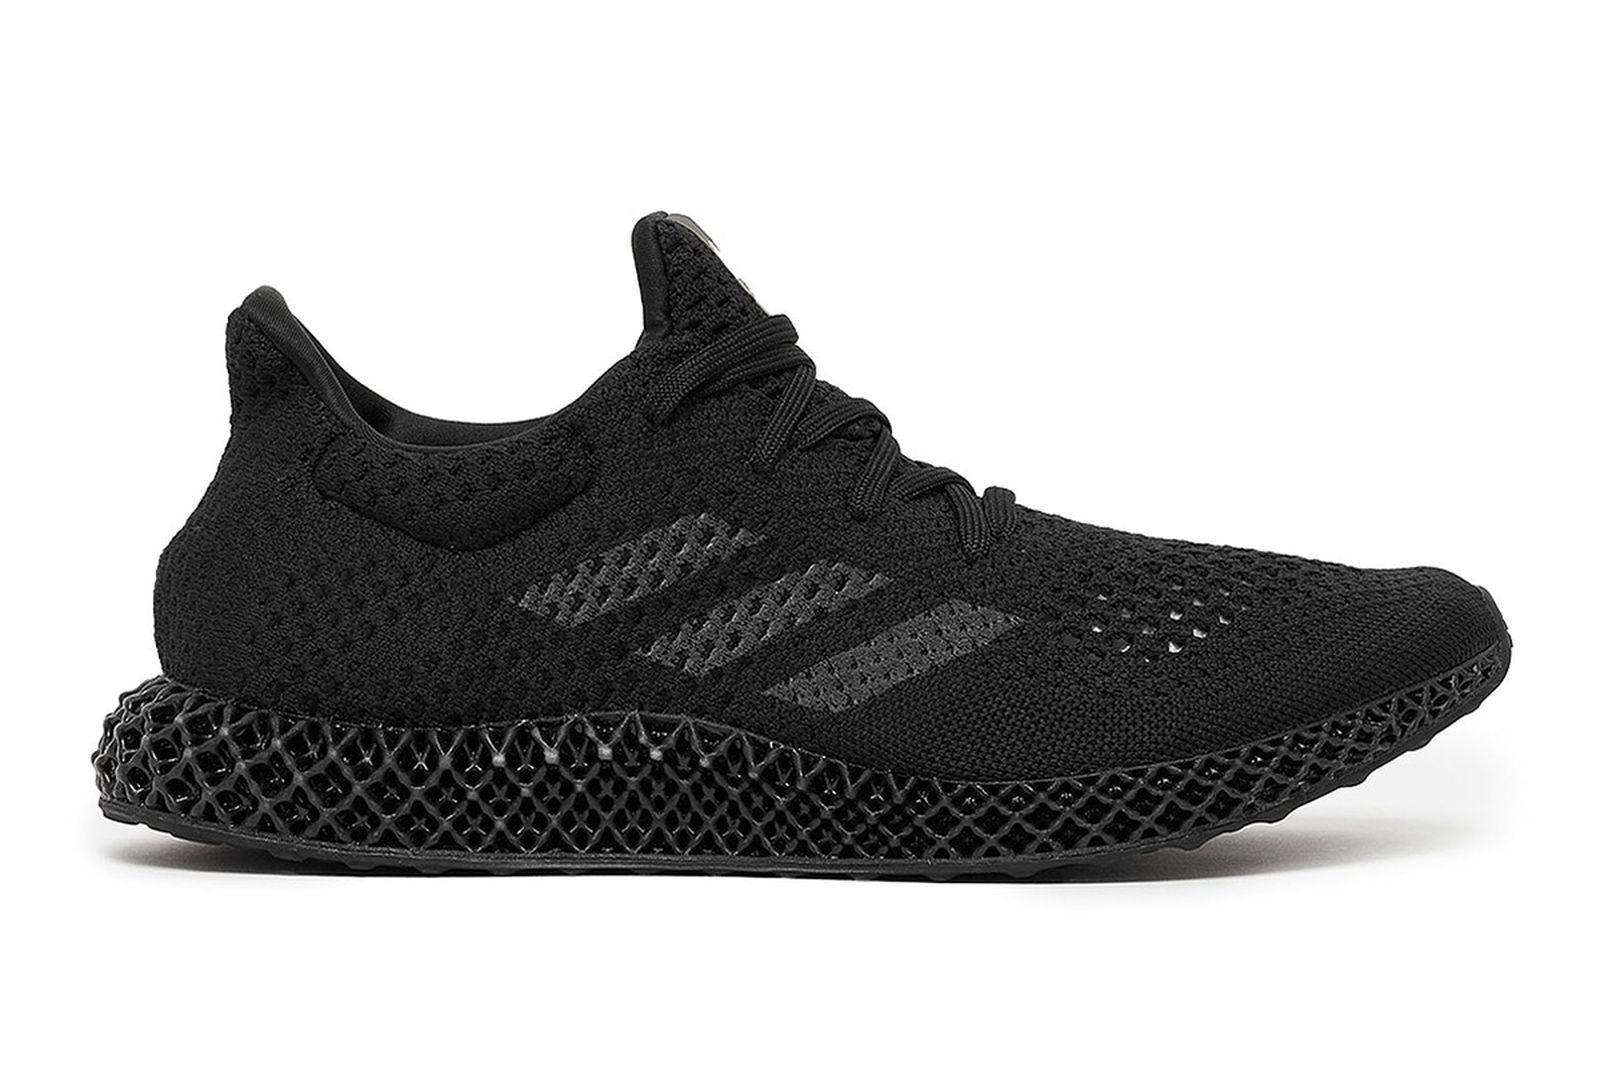 adidas-4d-futurecraft-triple-black-release-date-price-05